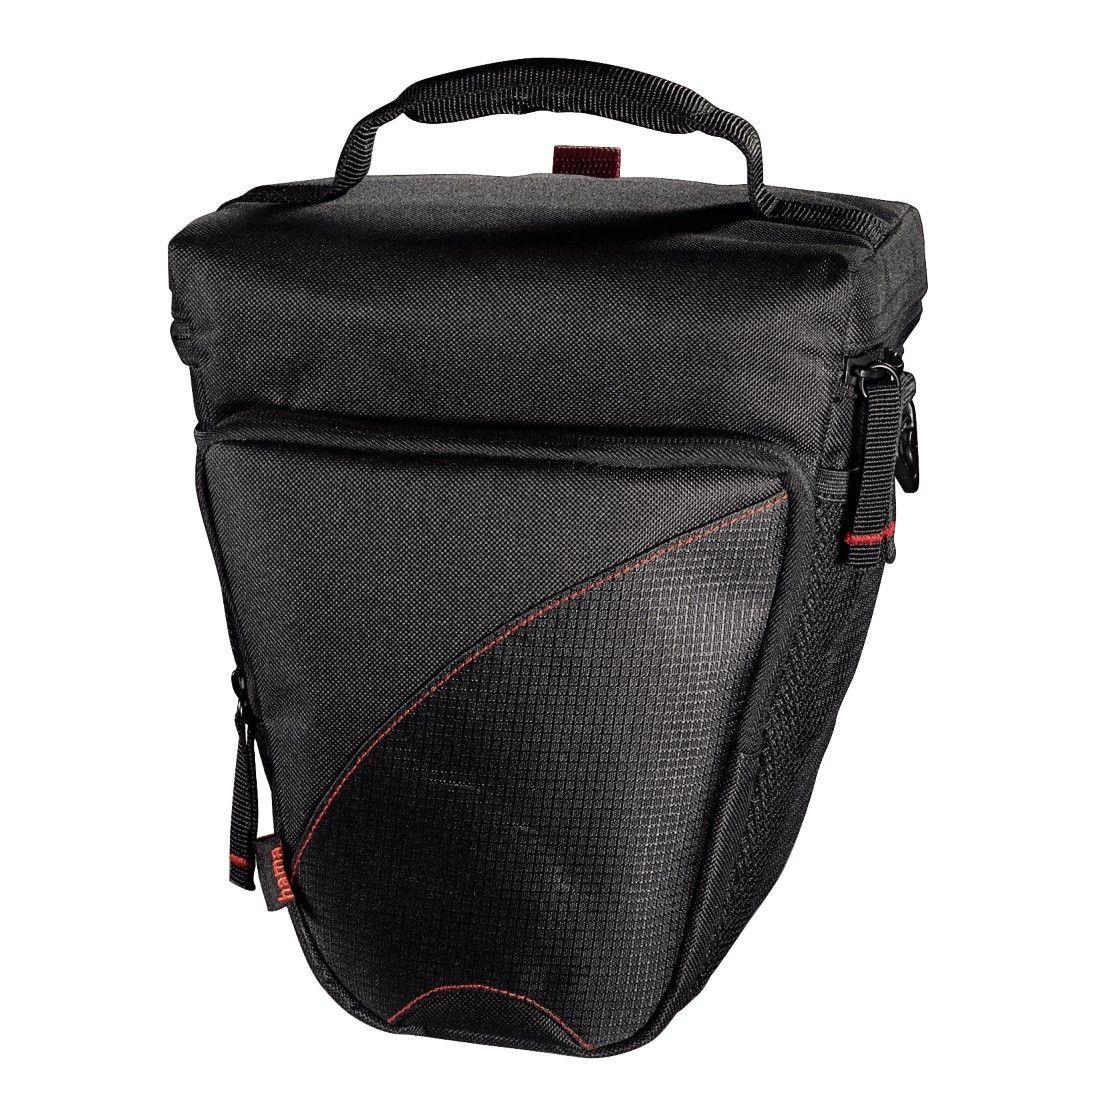 Hama Astana 130 Colt Camera Bag